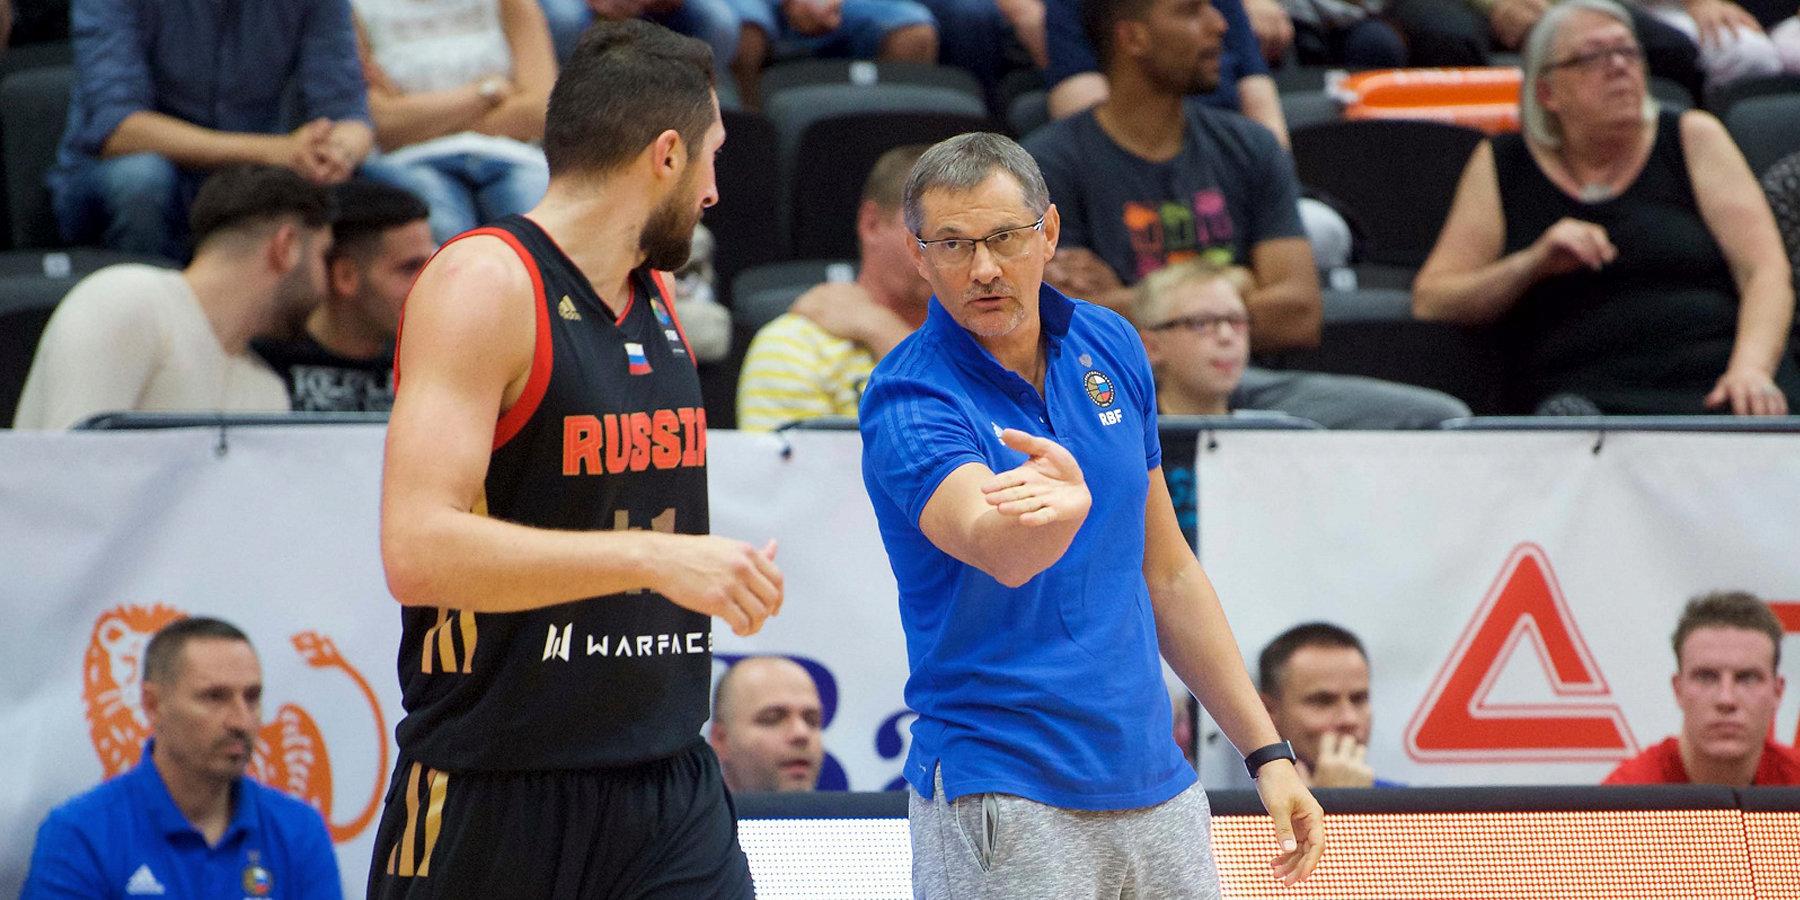 Сборная Российской Федерации обеспечила себе выход вплей-офф Евробаскета